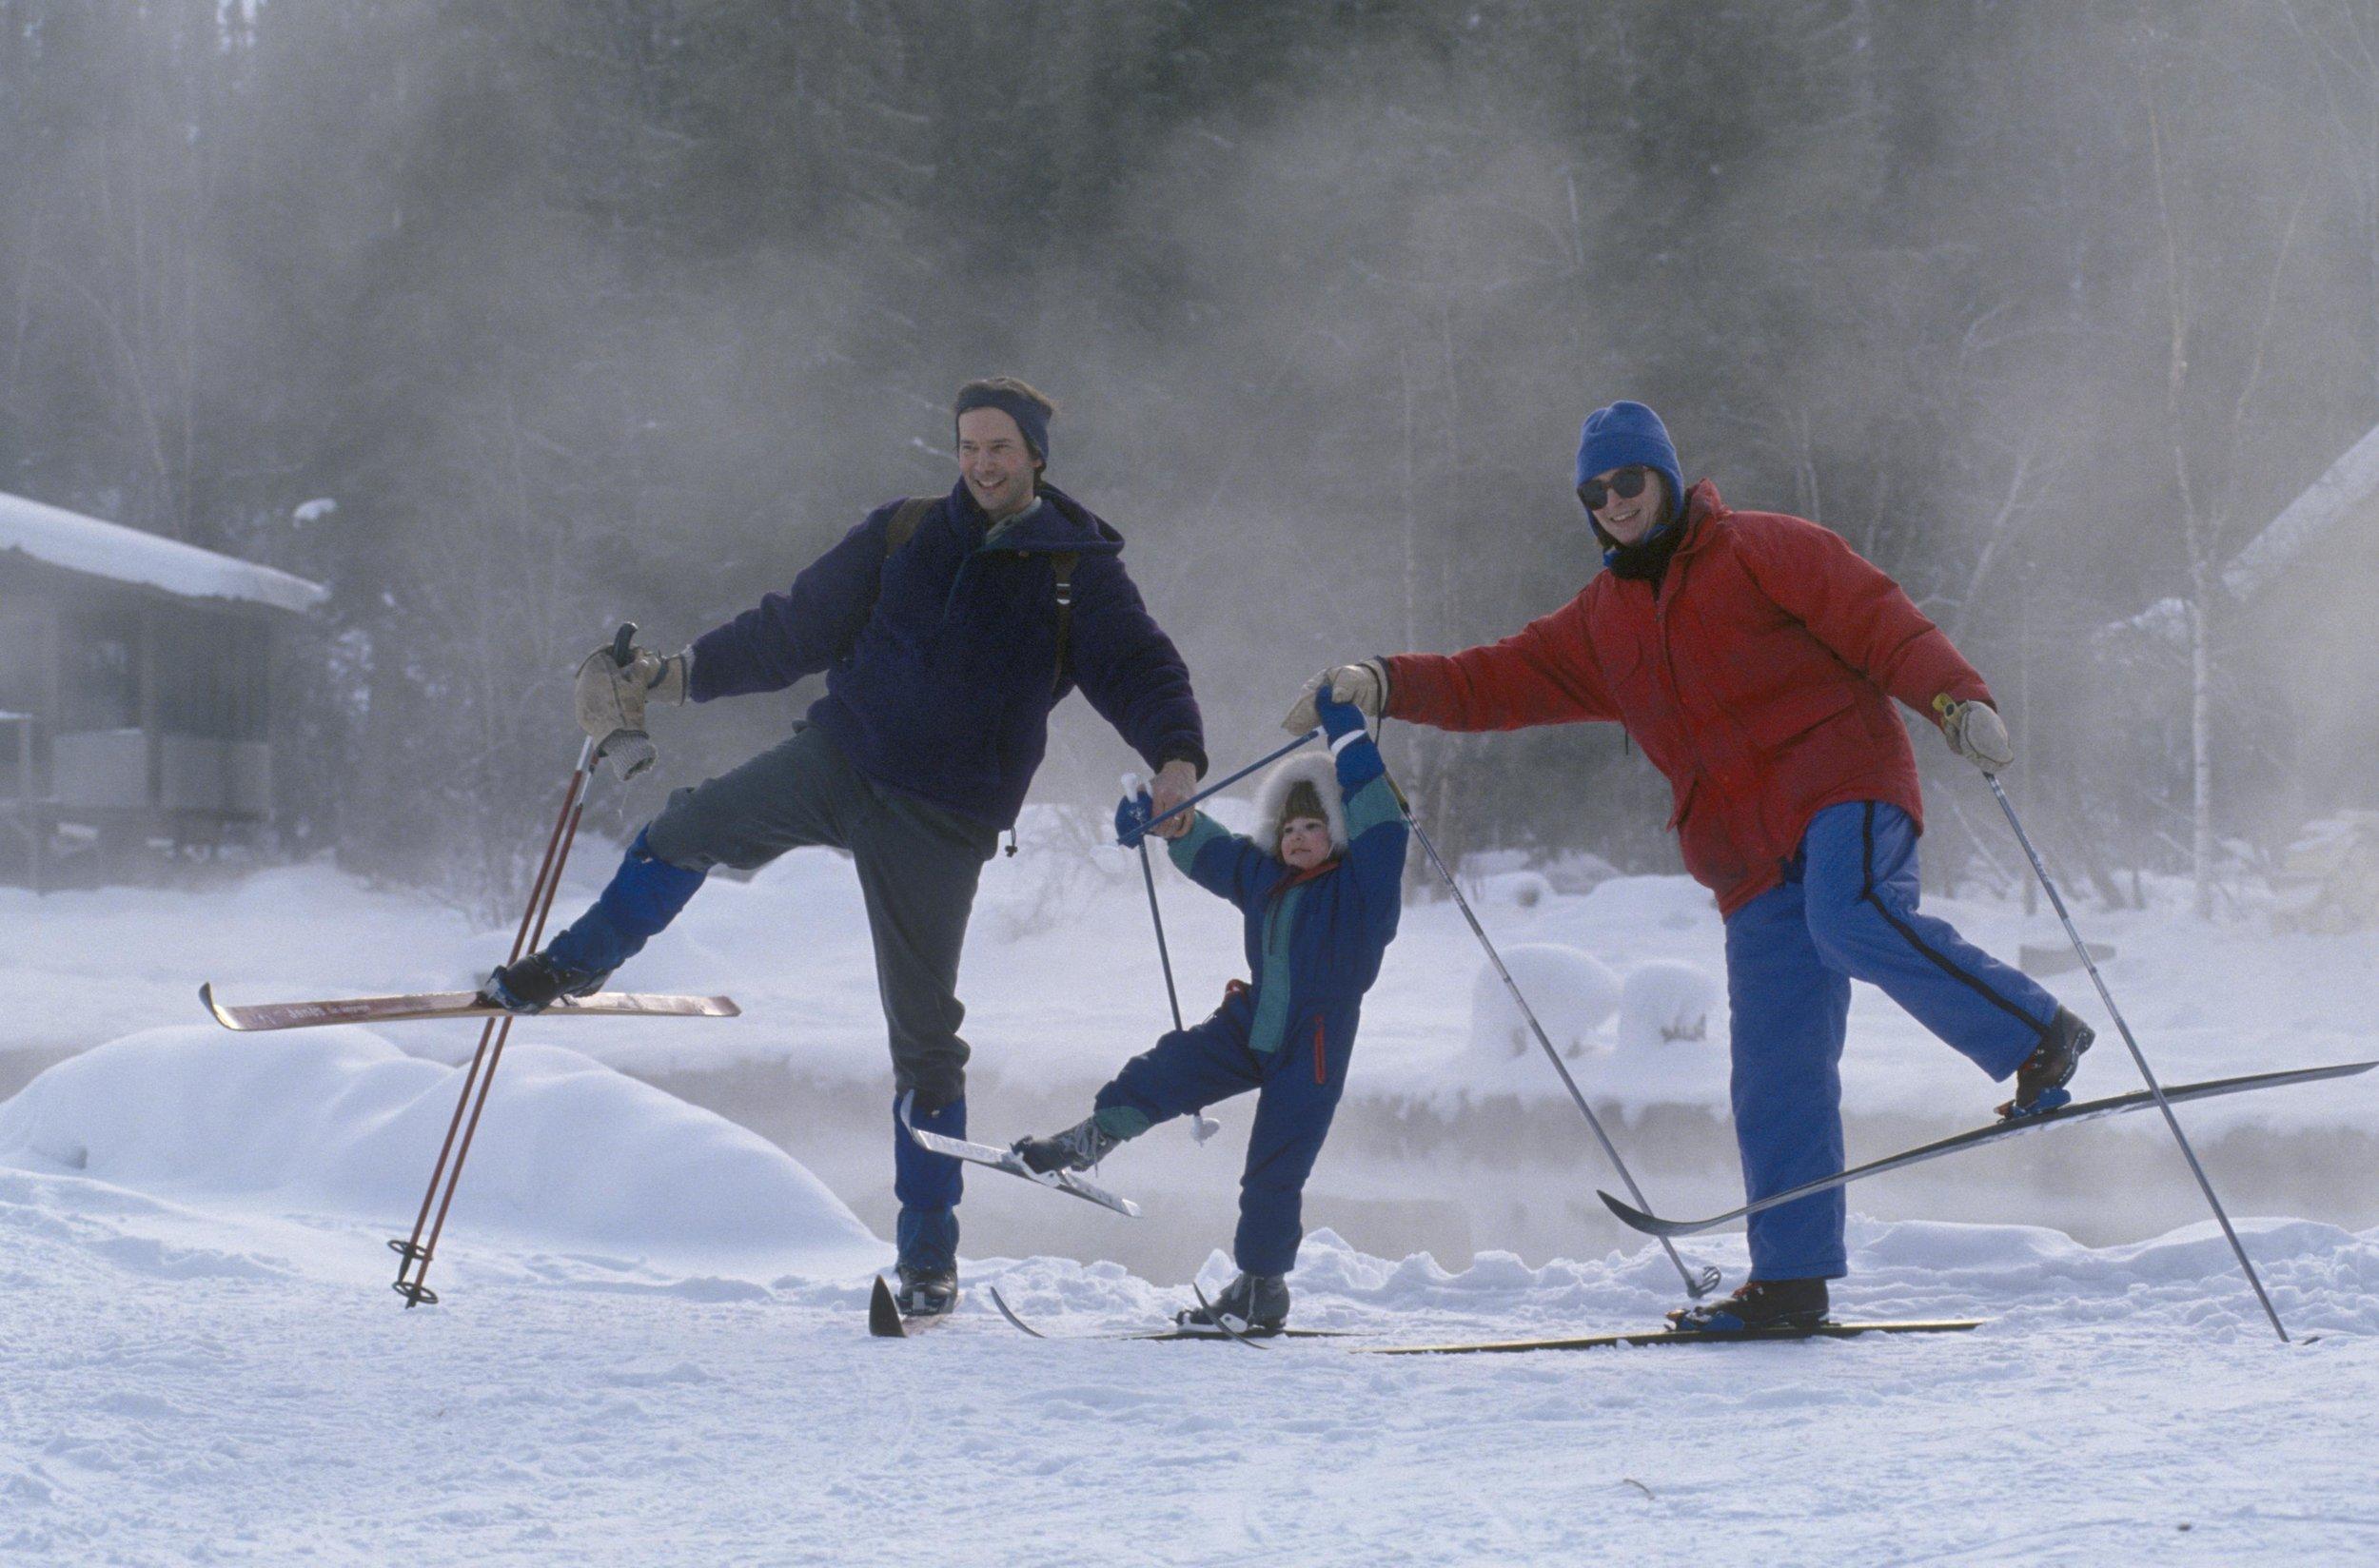 器具租赁 - 冬装 - 全天费用全套 (厚外套,雪裤,靴)…................$30单项……………………………………….$15滑雪板 一小时………………….............$7.50滑雪板 全天………………….................$25雪靴 一小时……………………………..$7.50雪靴 全天……………………………......$25